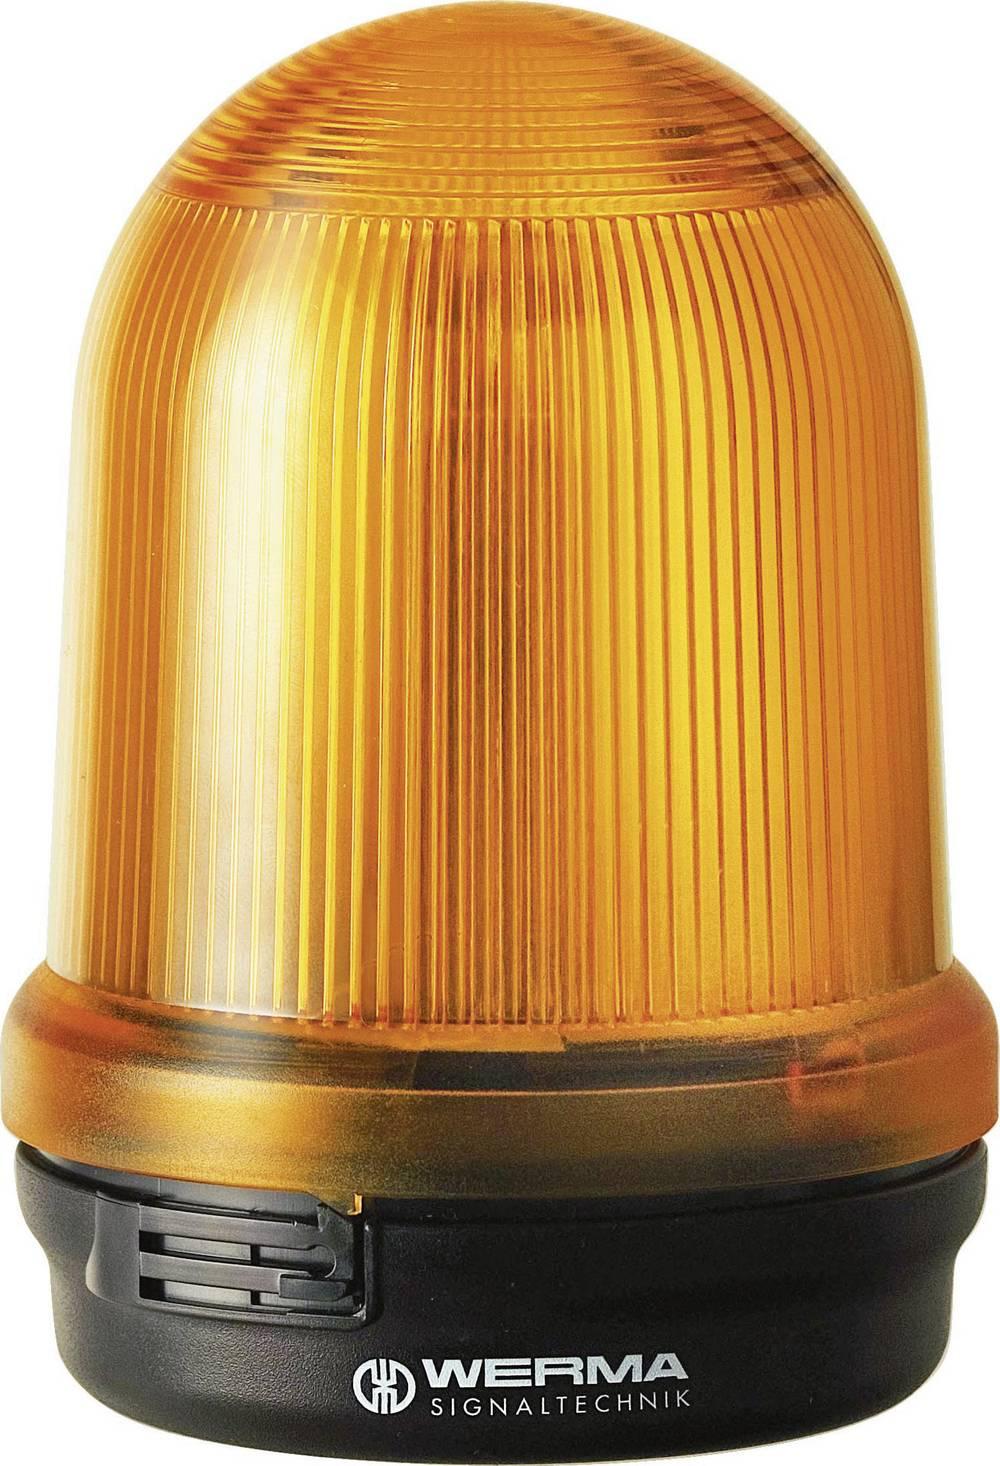 Vrtljivo signalno LED svjetloWerma Signaltechnik 280 280.320.55